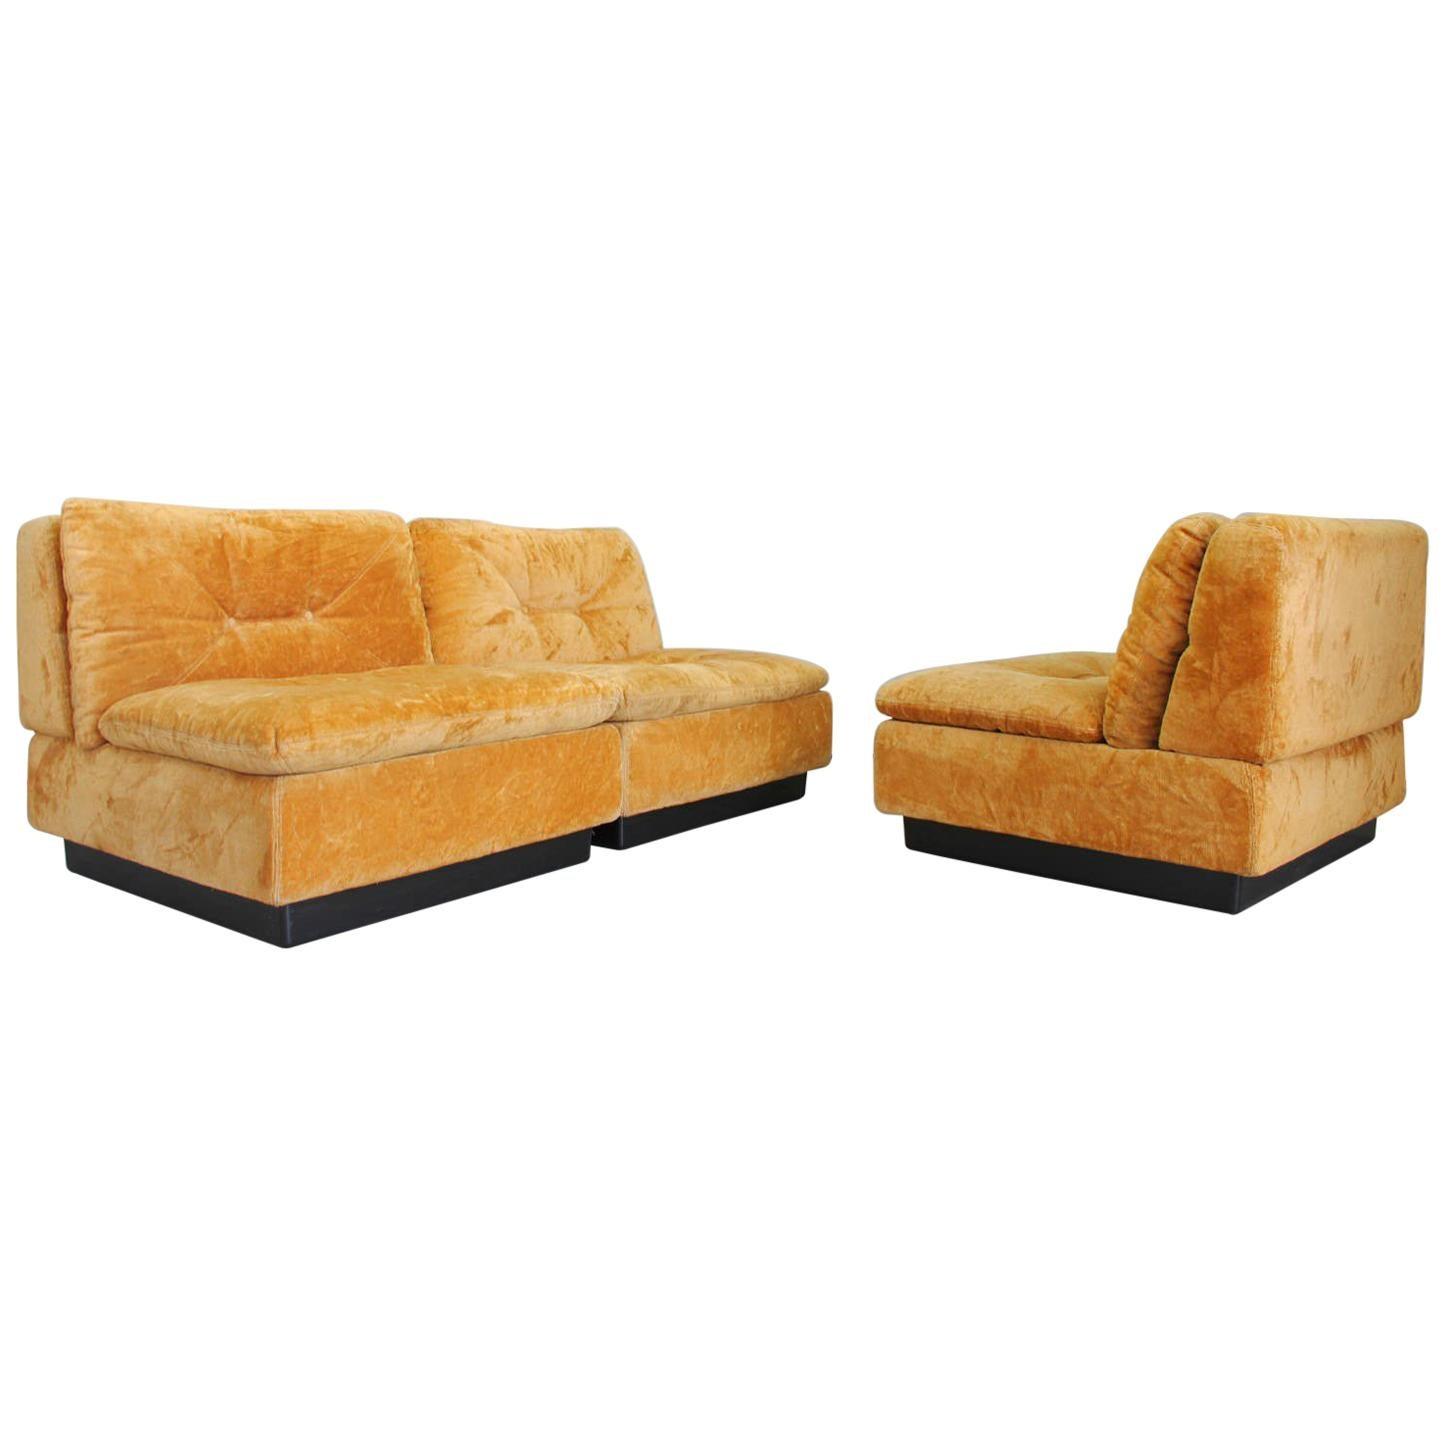 saporiti italia sofa modular